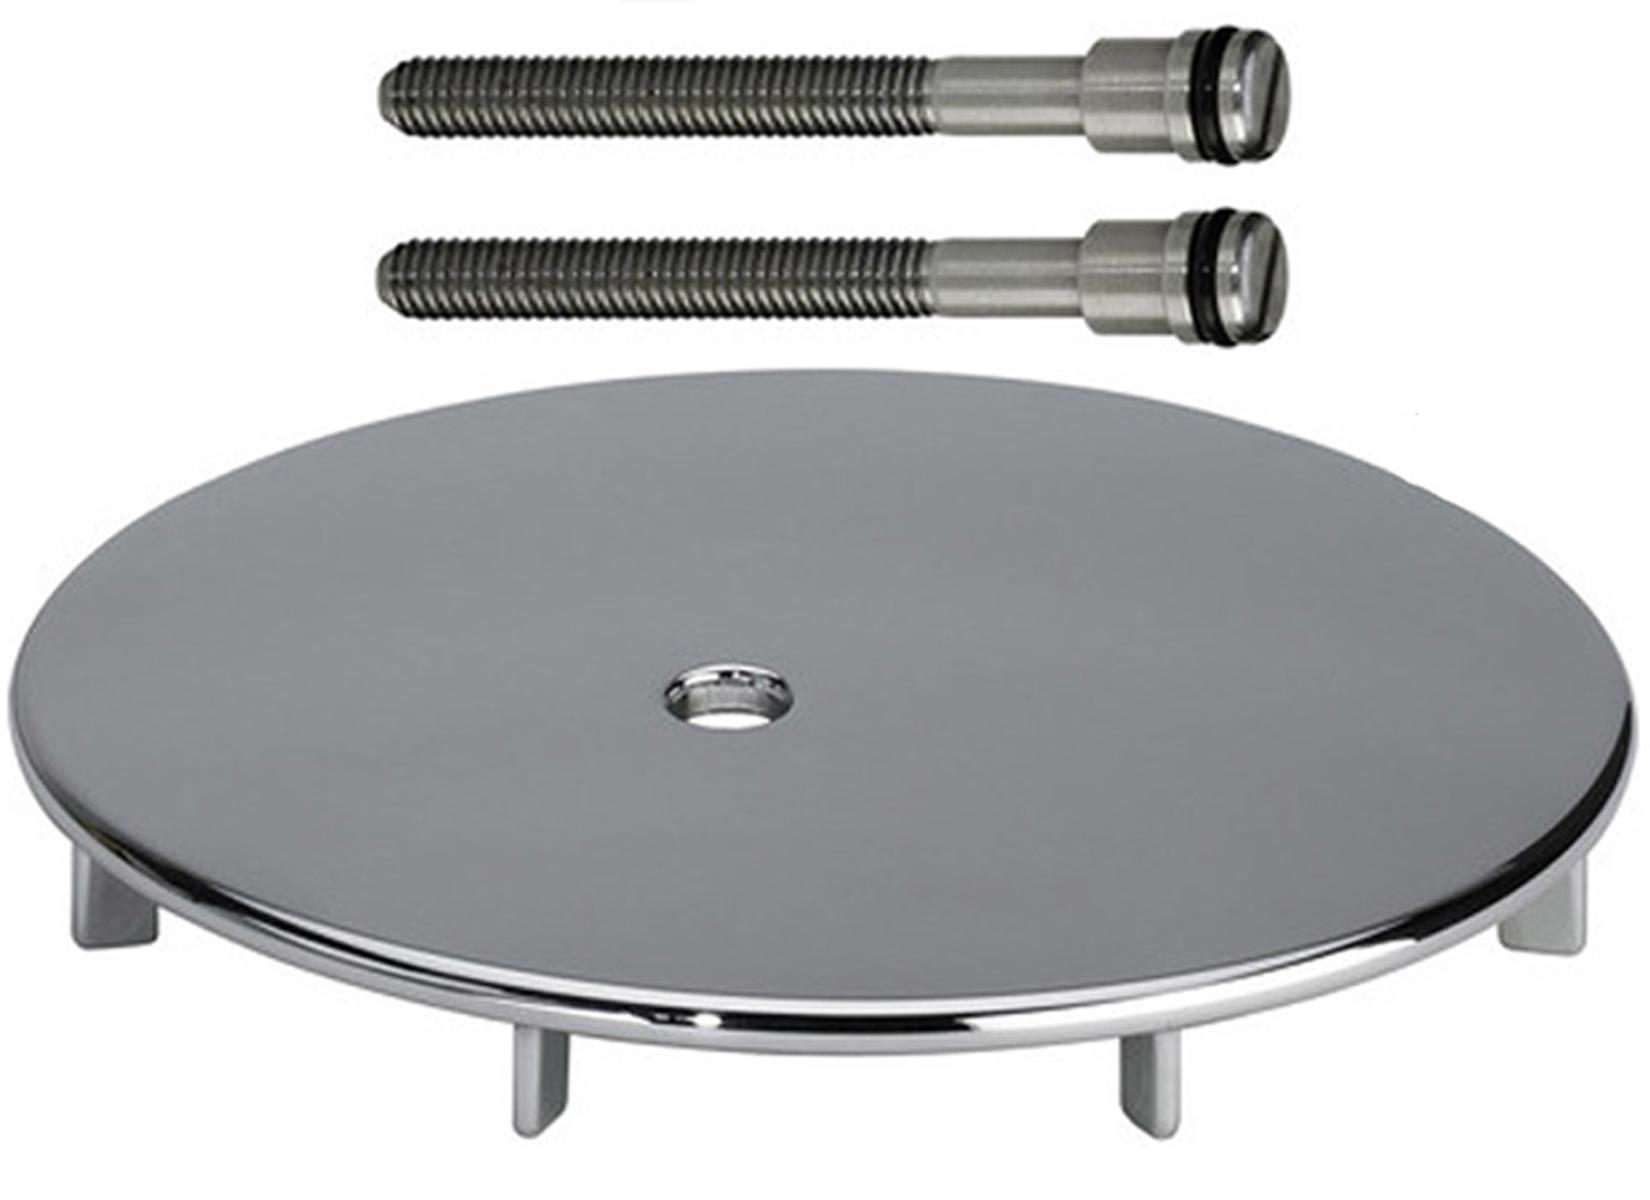 viega tempoplex messing abdeckung 112mm abdeckhaube temposet duschwanne 478018 ebay. Black Bedroom Furniture Sets. Home Design Ideas